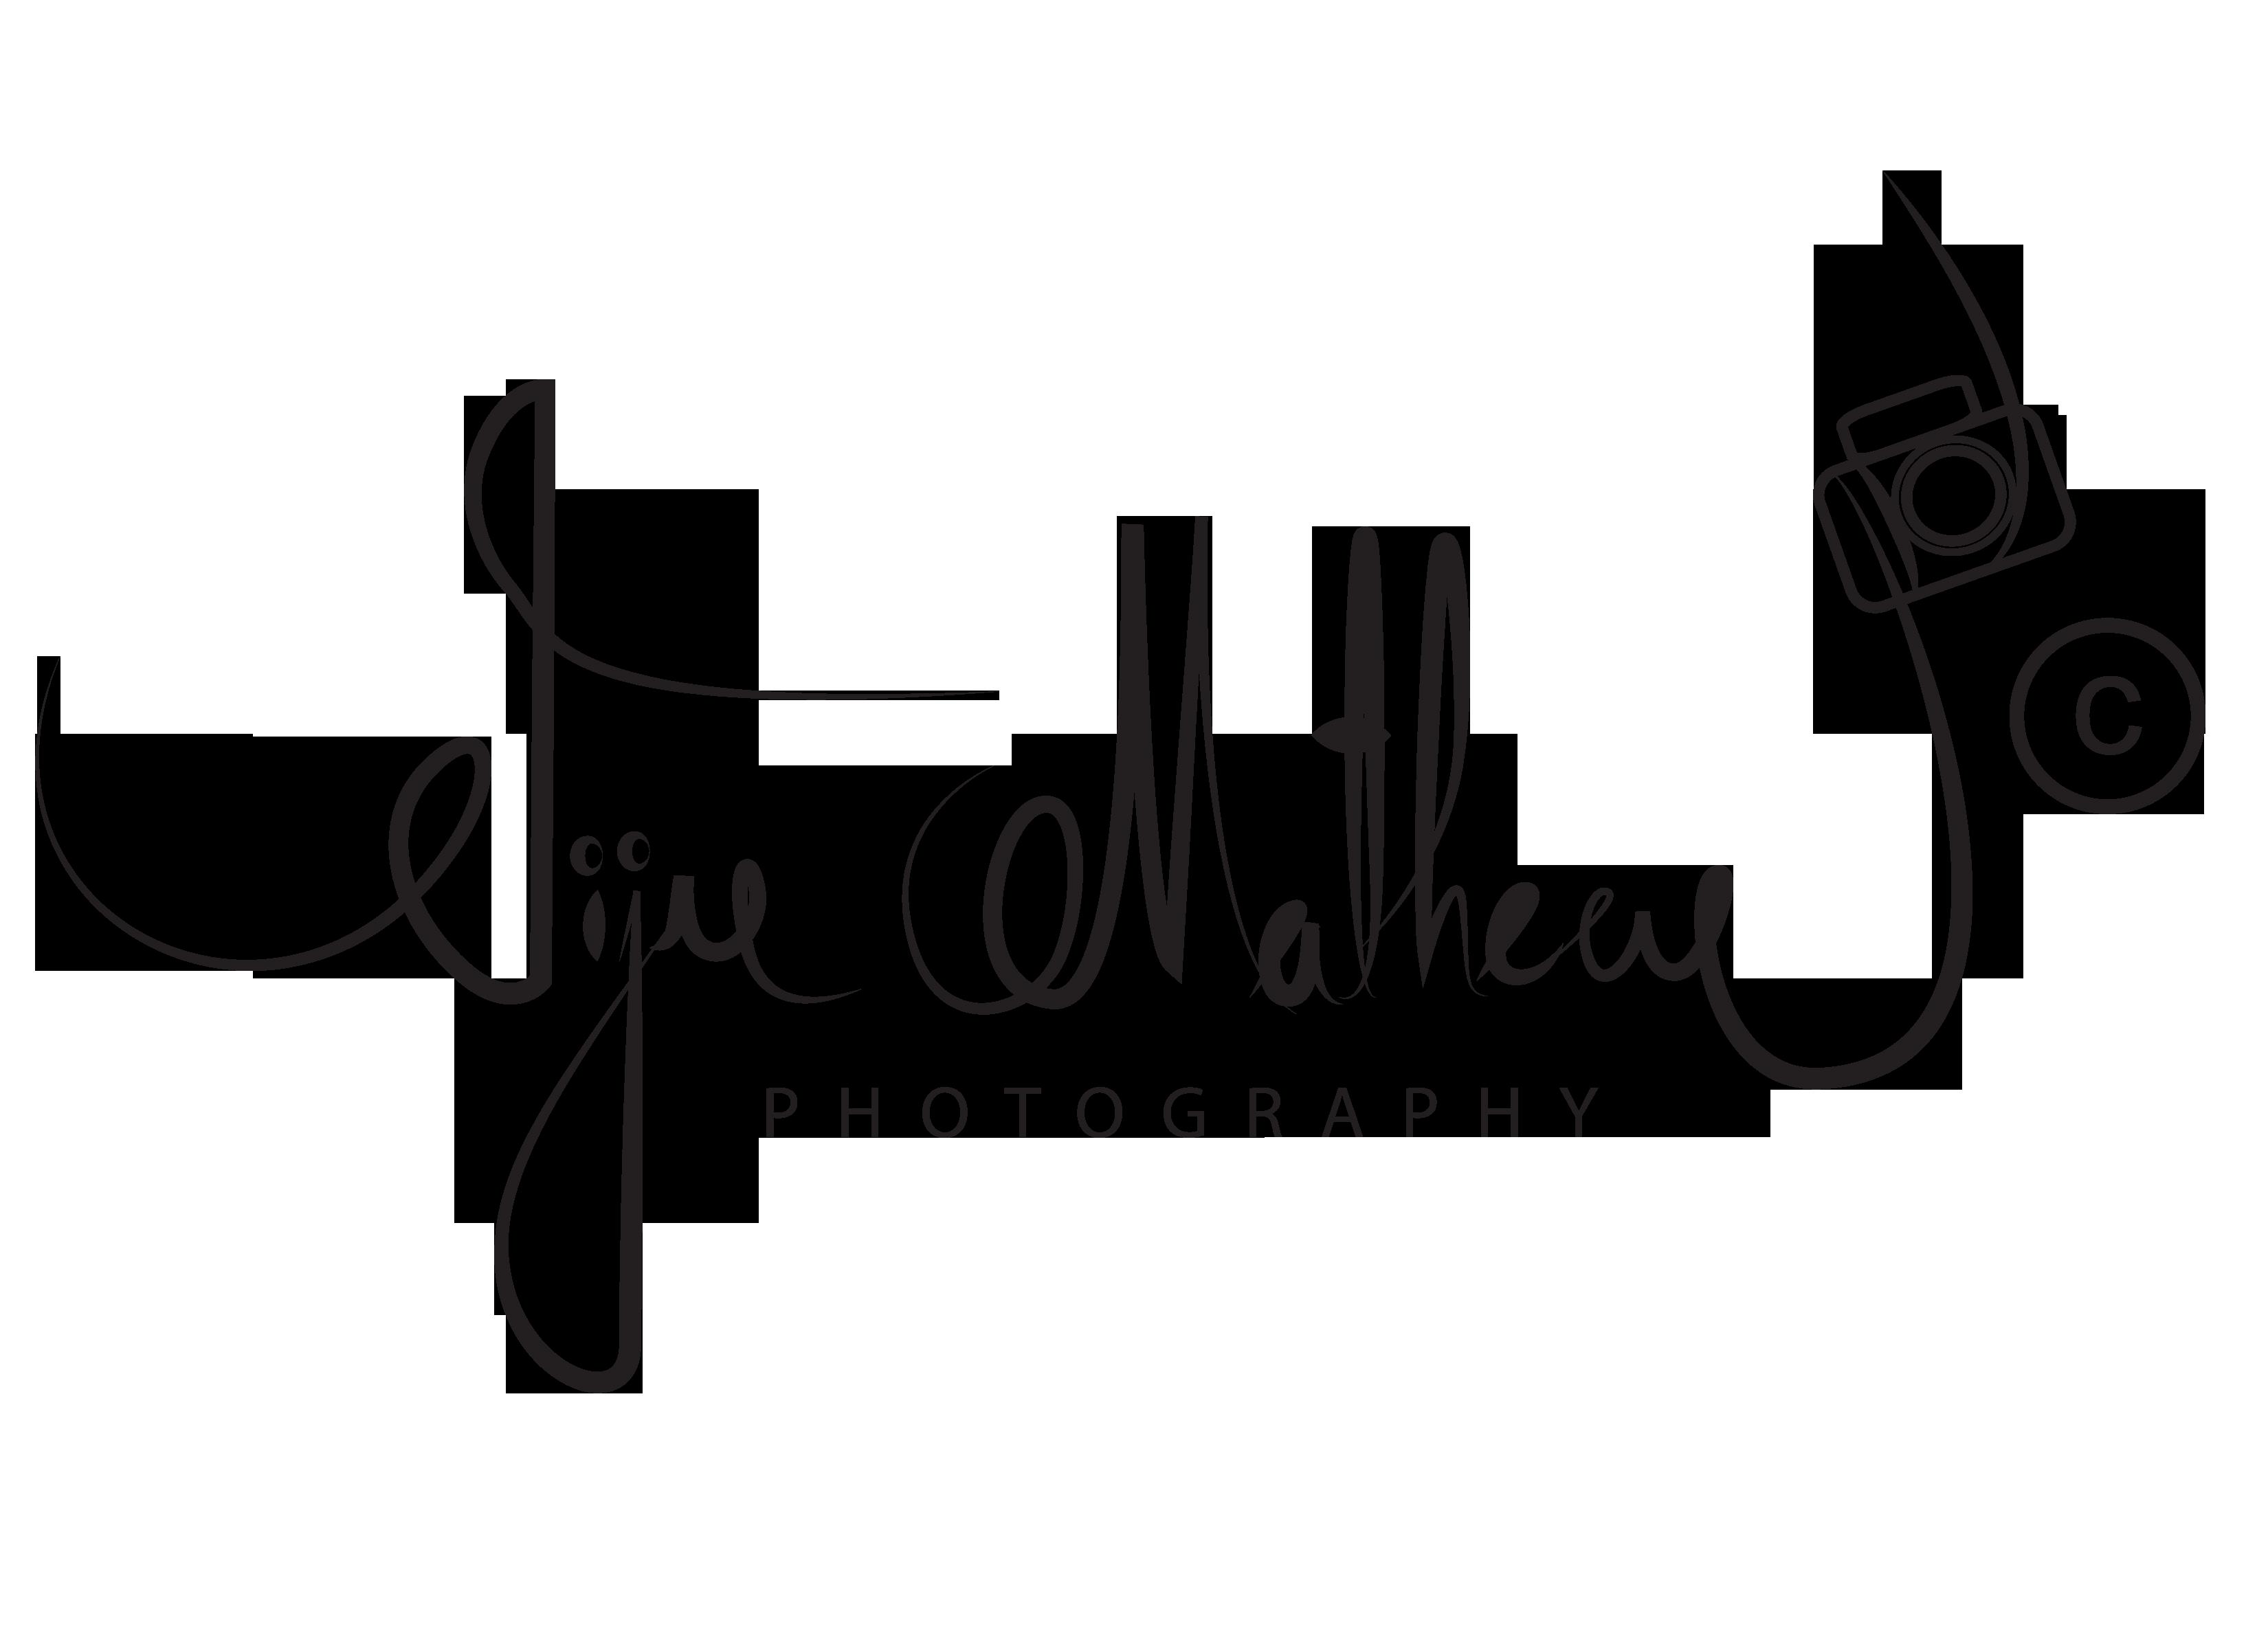 Jiju Mathew Photography